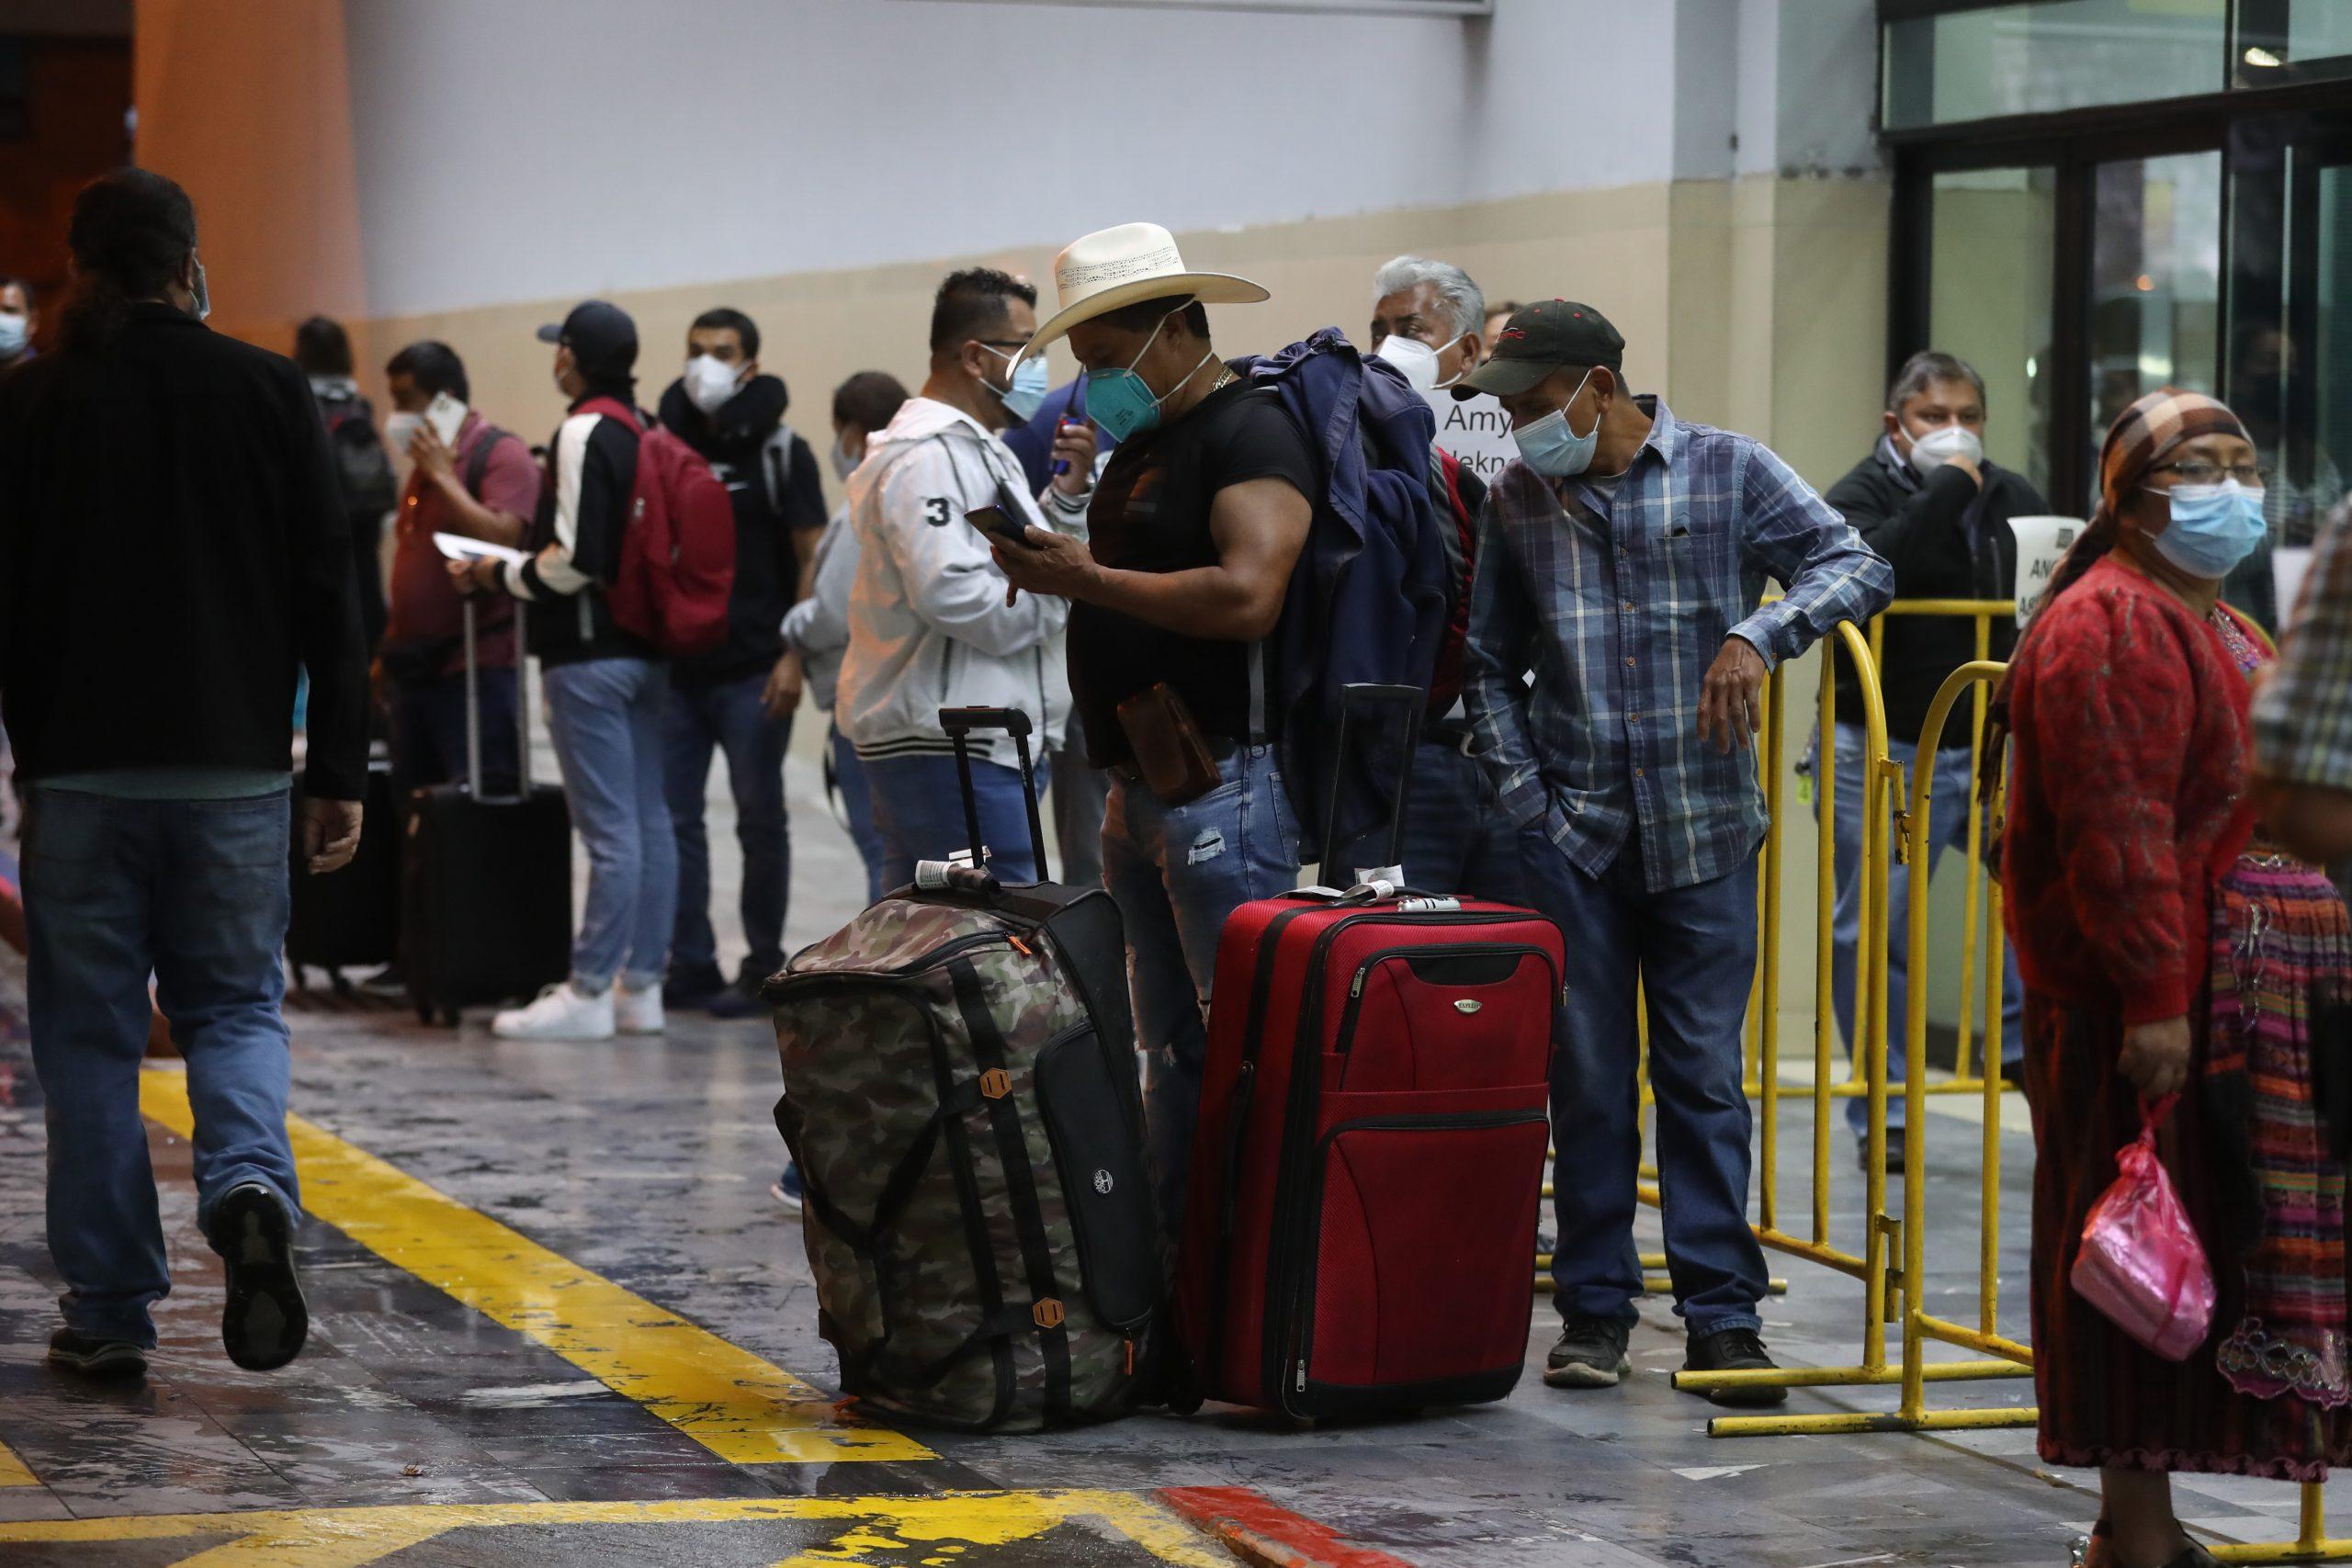 Los viajes se recuperarán este año si se permite el acceso a personas vacunadas con Sputnik V, dicen aerolíneas - Prensa Libre